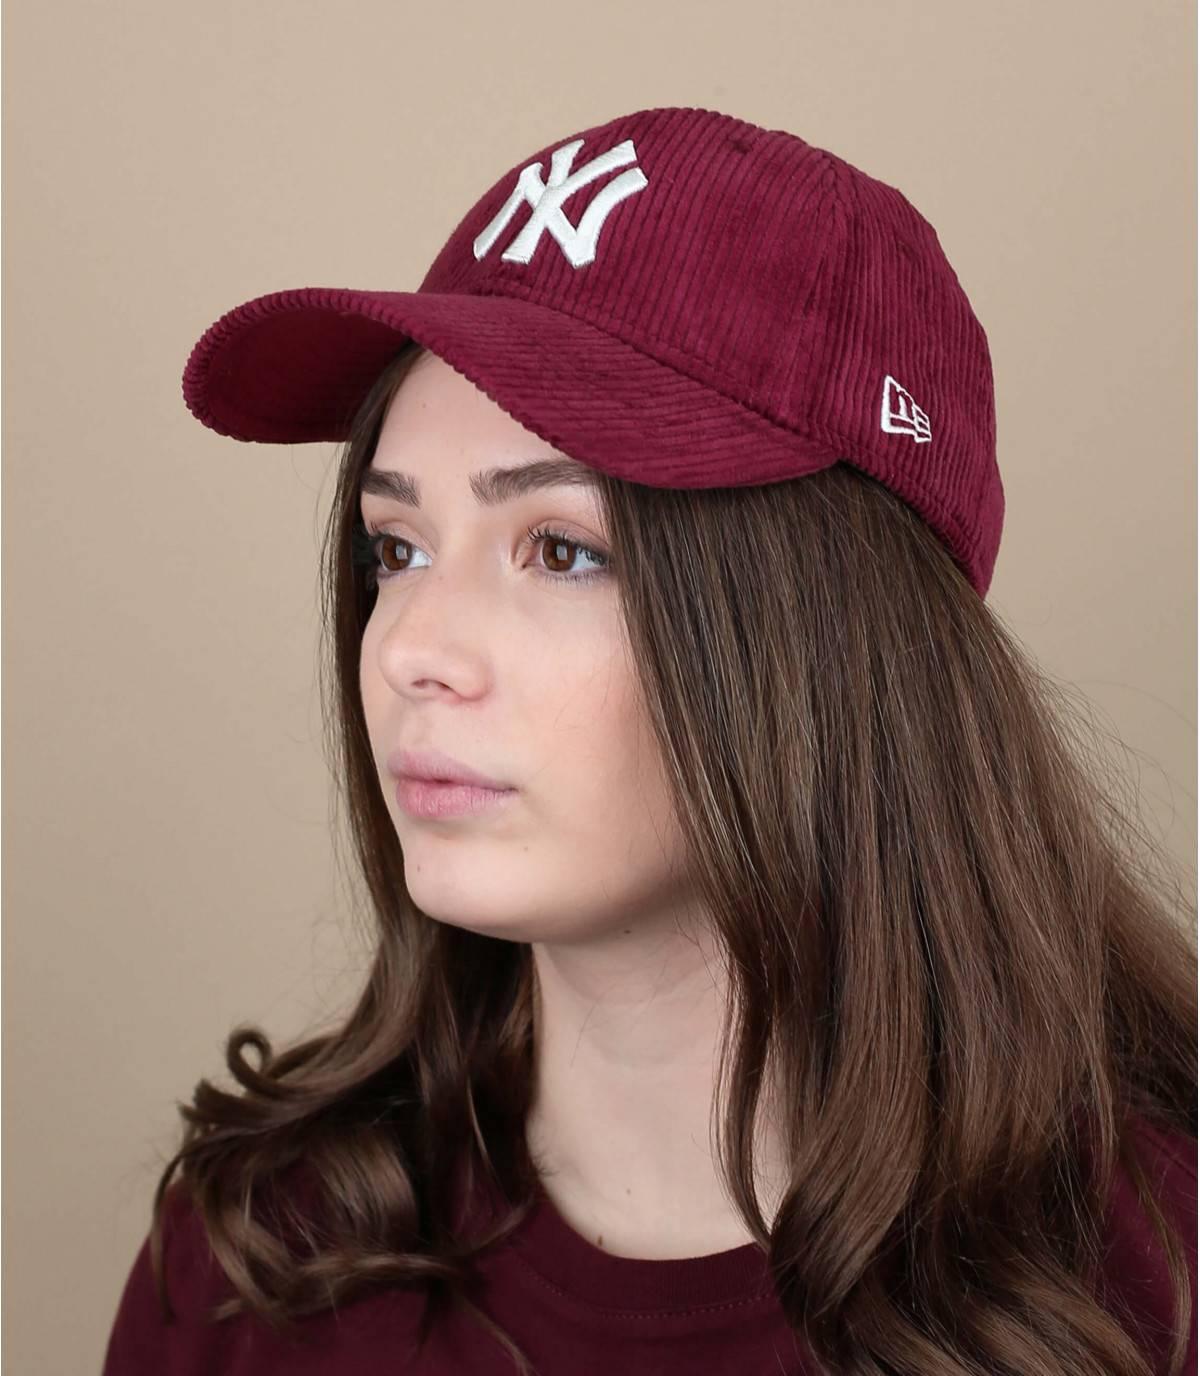 red corduroy NY cap